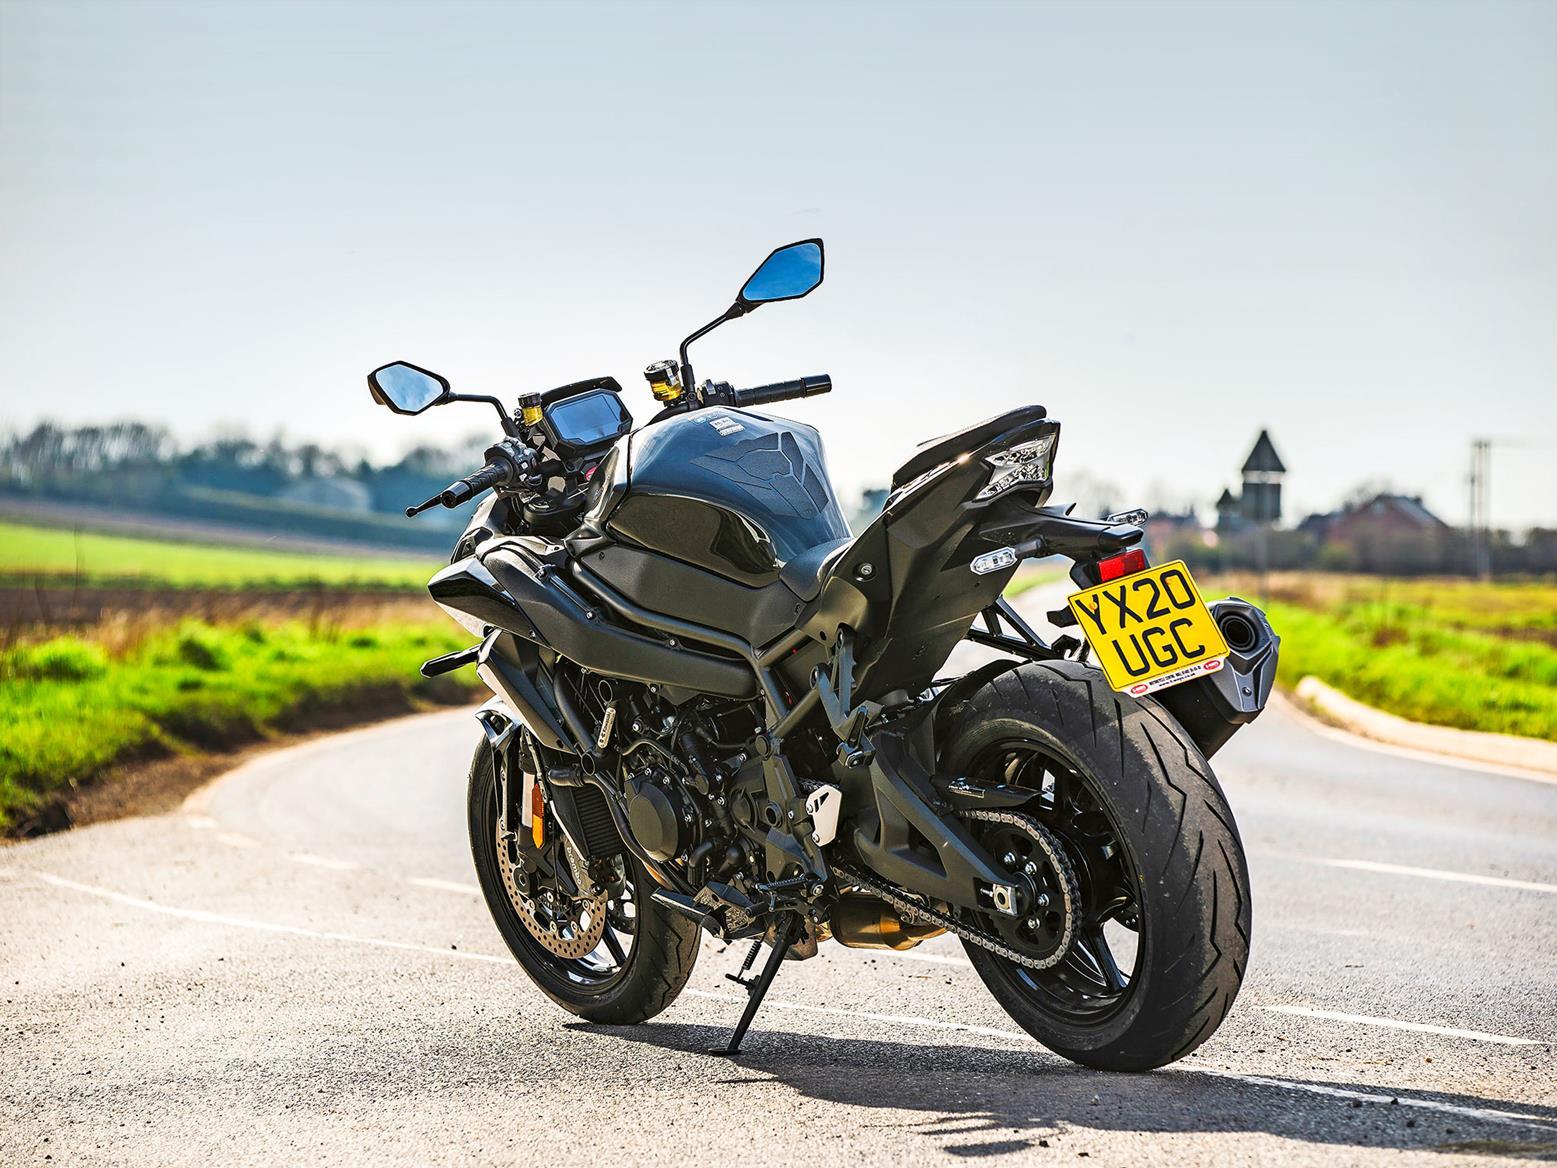 Kawasaki Z H2 on UK roads